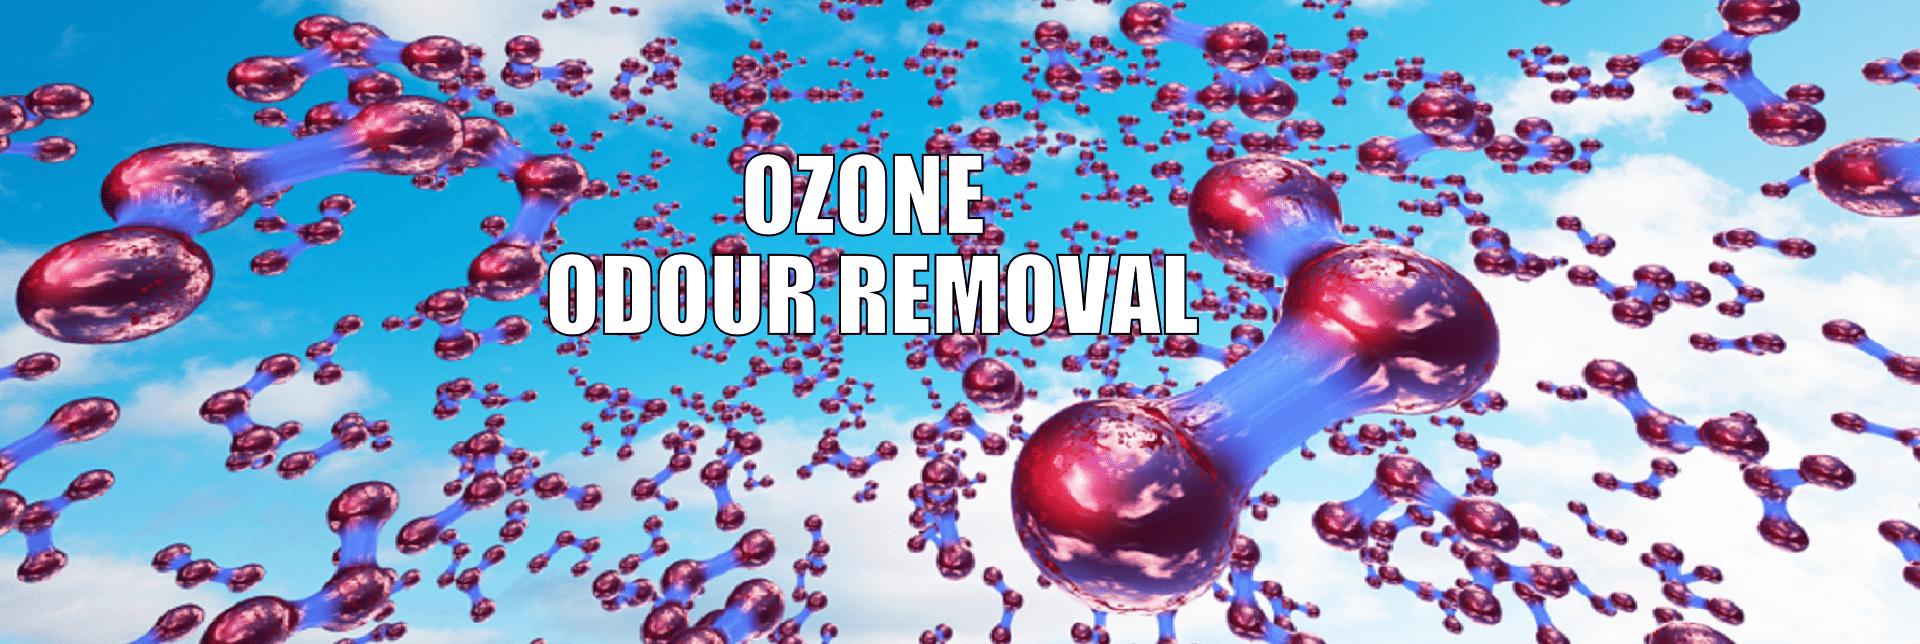 Ozone Rental Services in Ottawa, Ontario